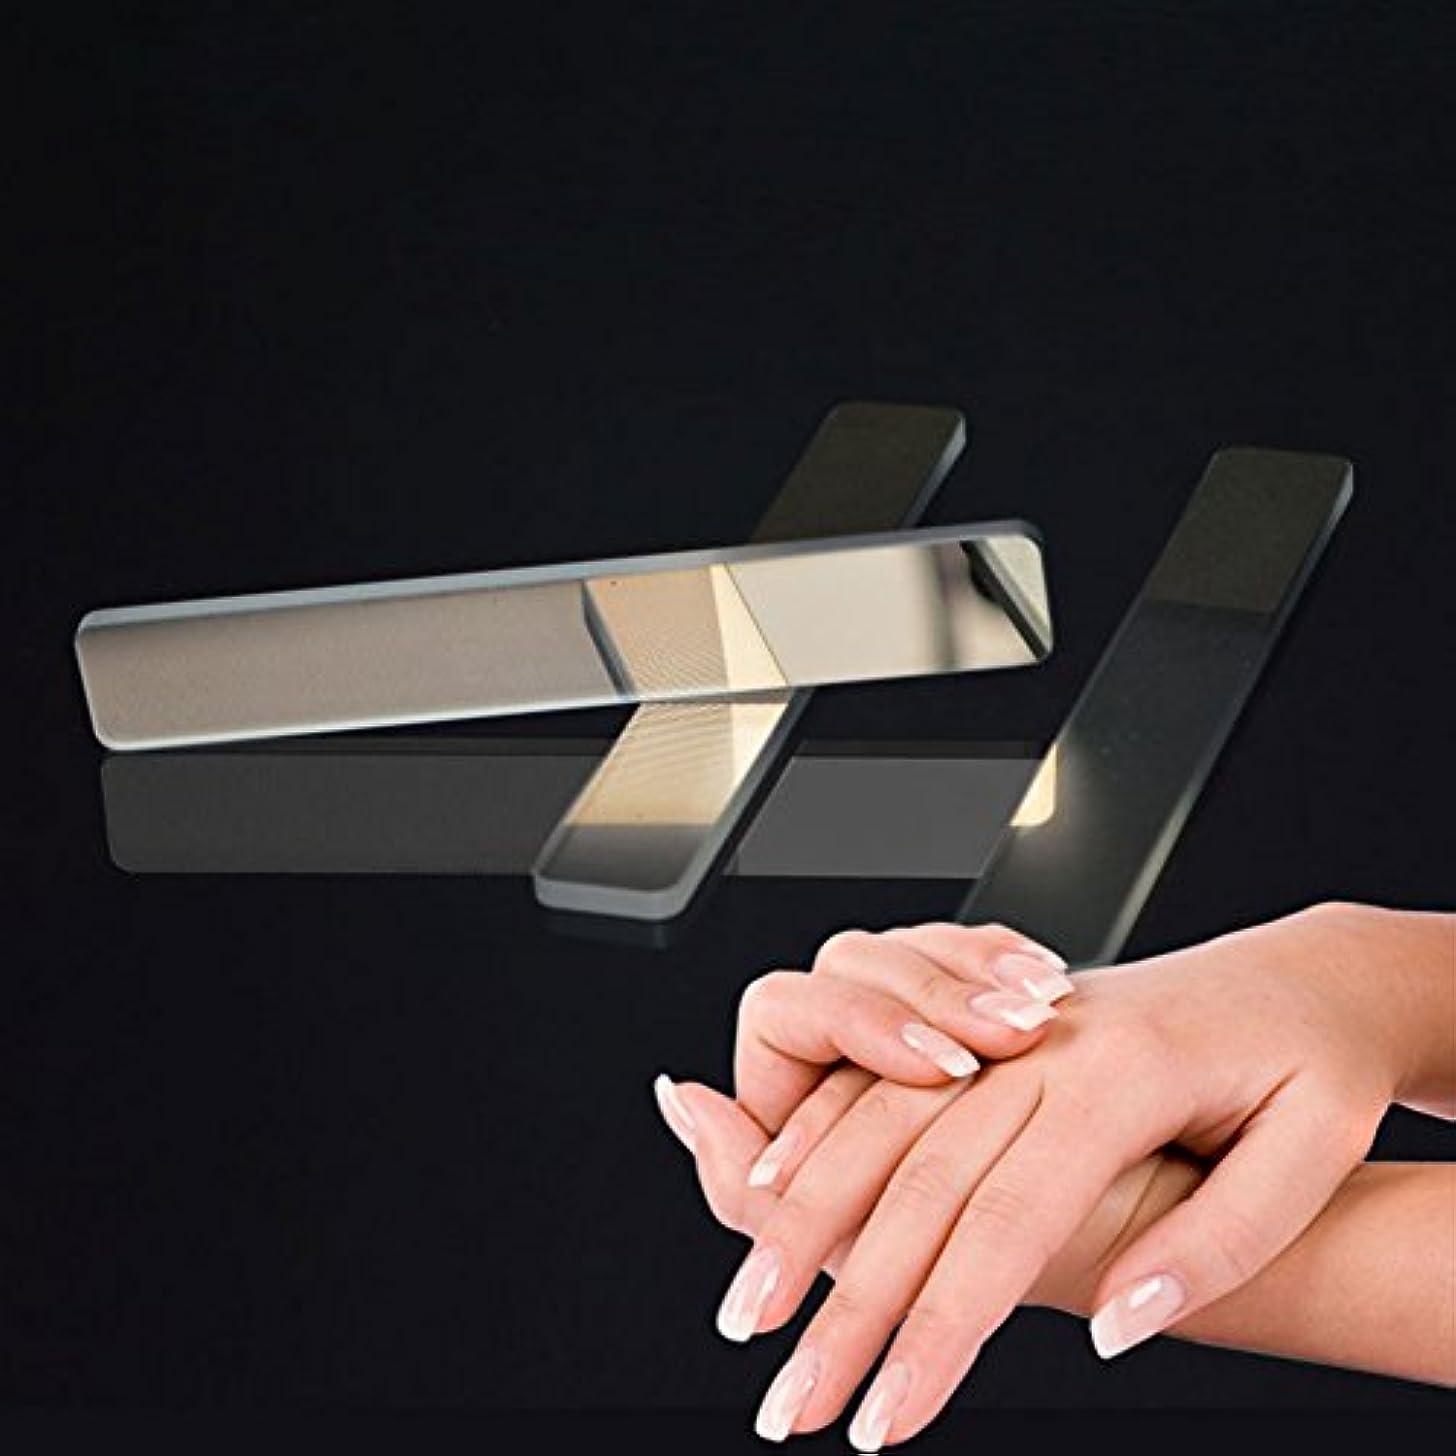 強調ヒステリック官僚爪やすり WUUDI 爪磨き ガラス爪ヤスリ ネイルファイル ネイルシャイナー つめケア ガラス製 ネイルケア 甘皮処理 (白)